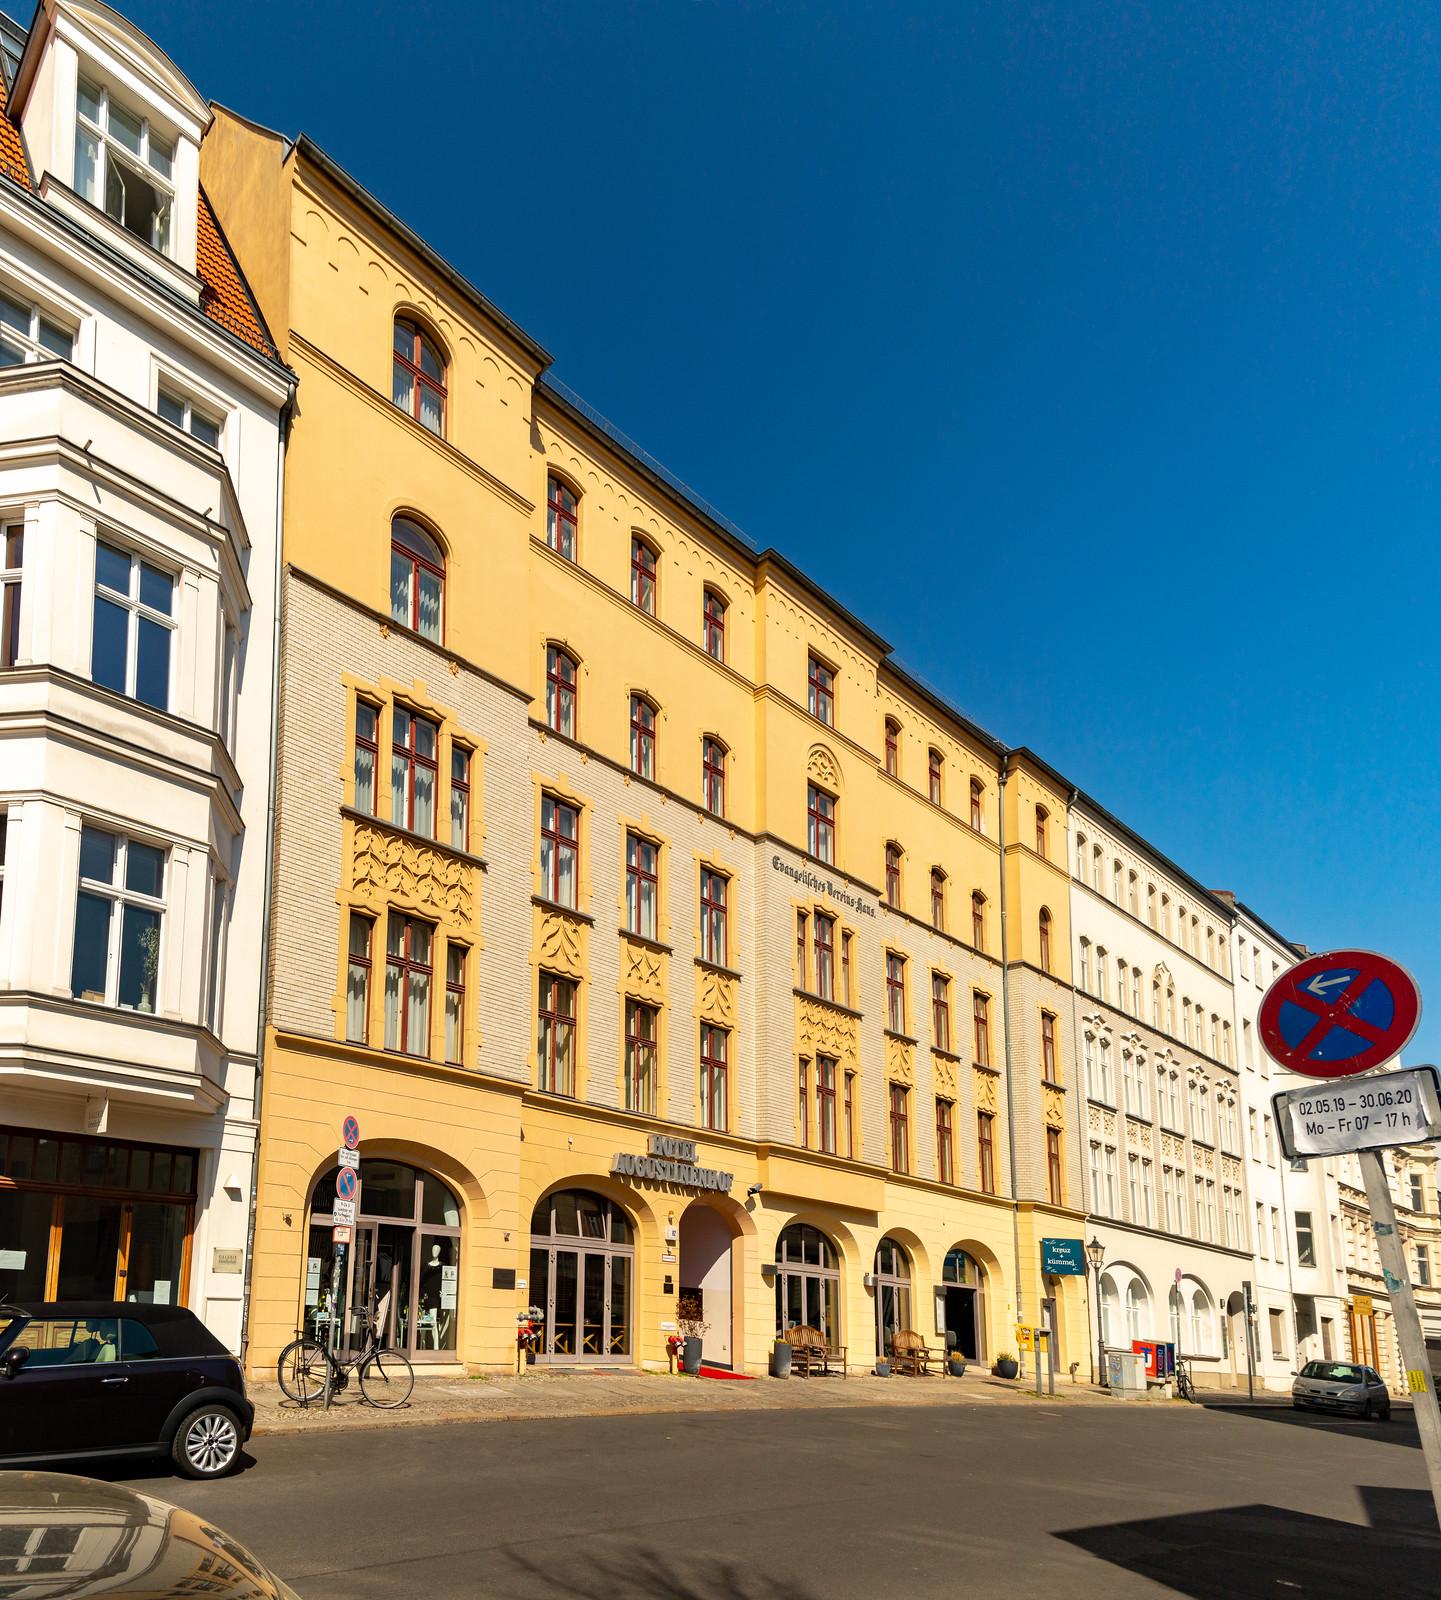 Ehemaliges Evangelisches Vereinshaus